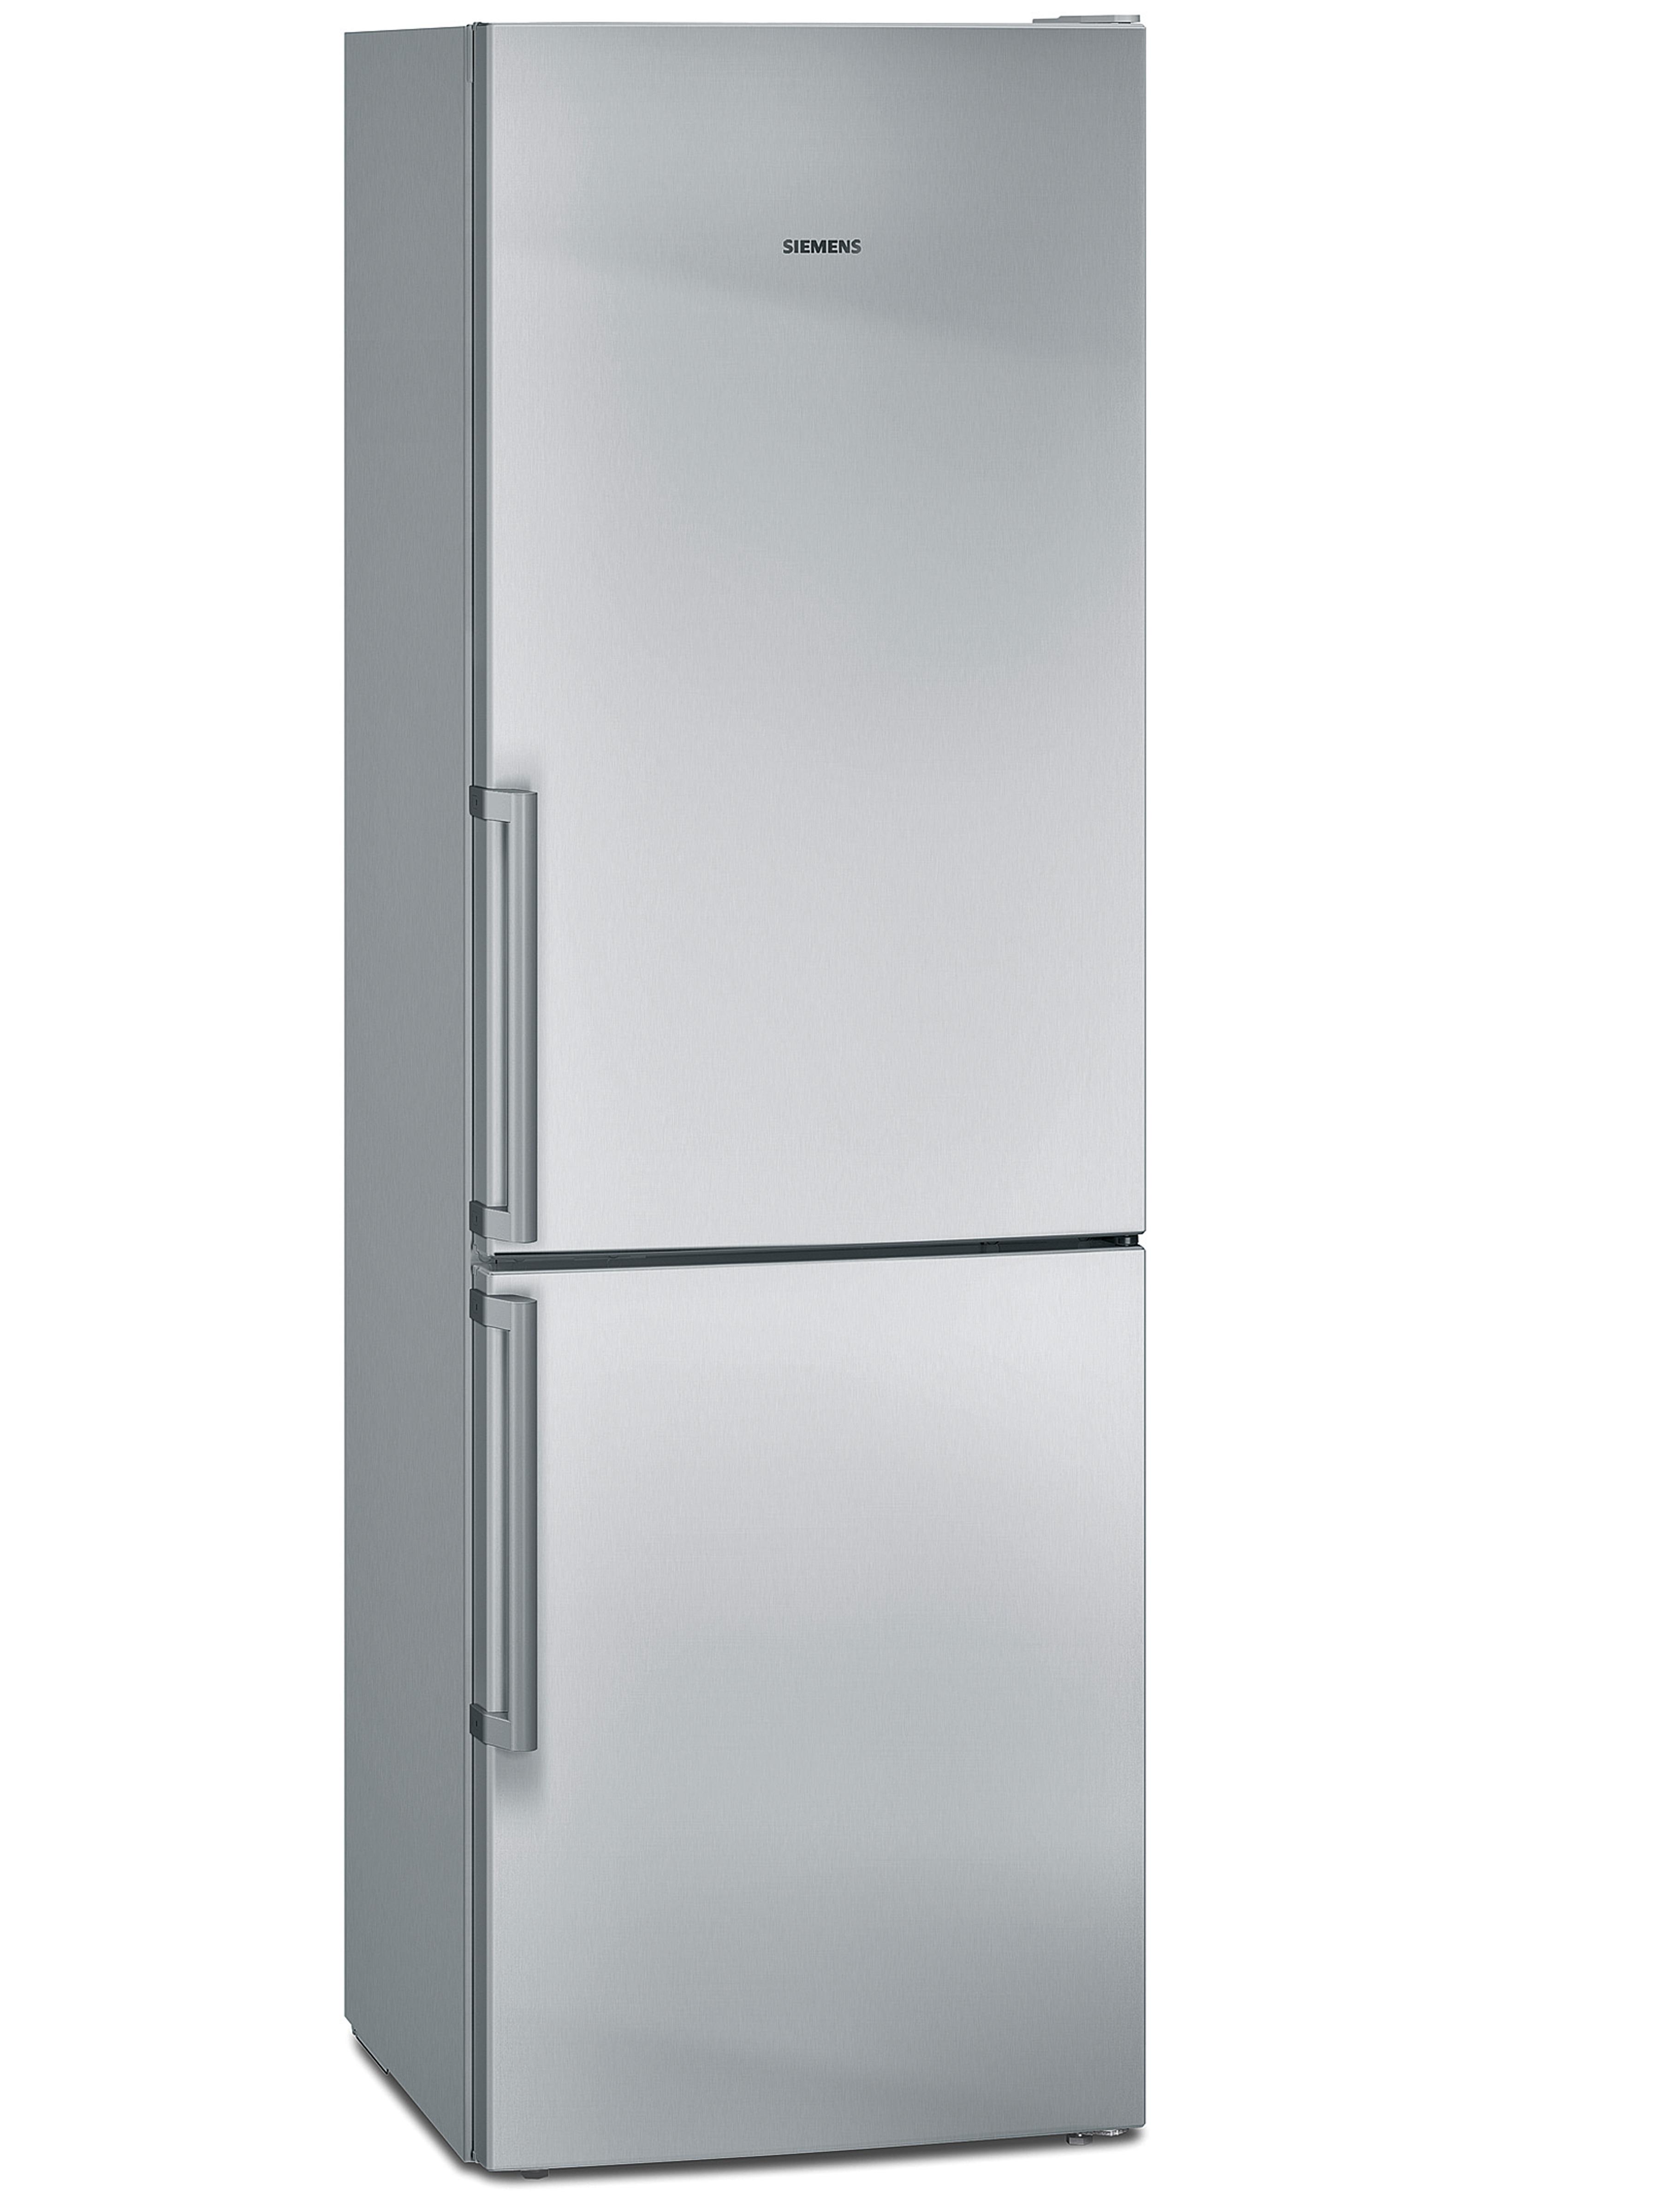 Siemens KG36VEL30 koelkast met vriesvak